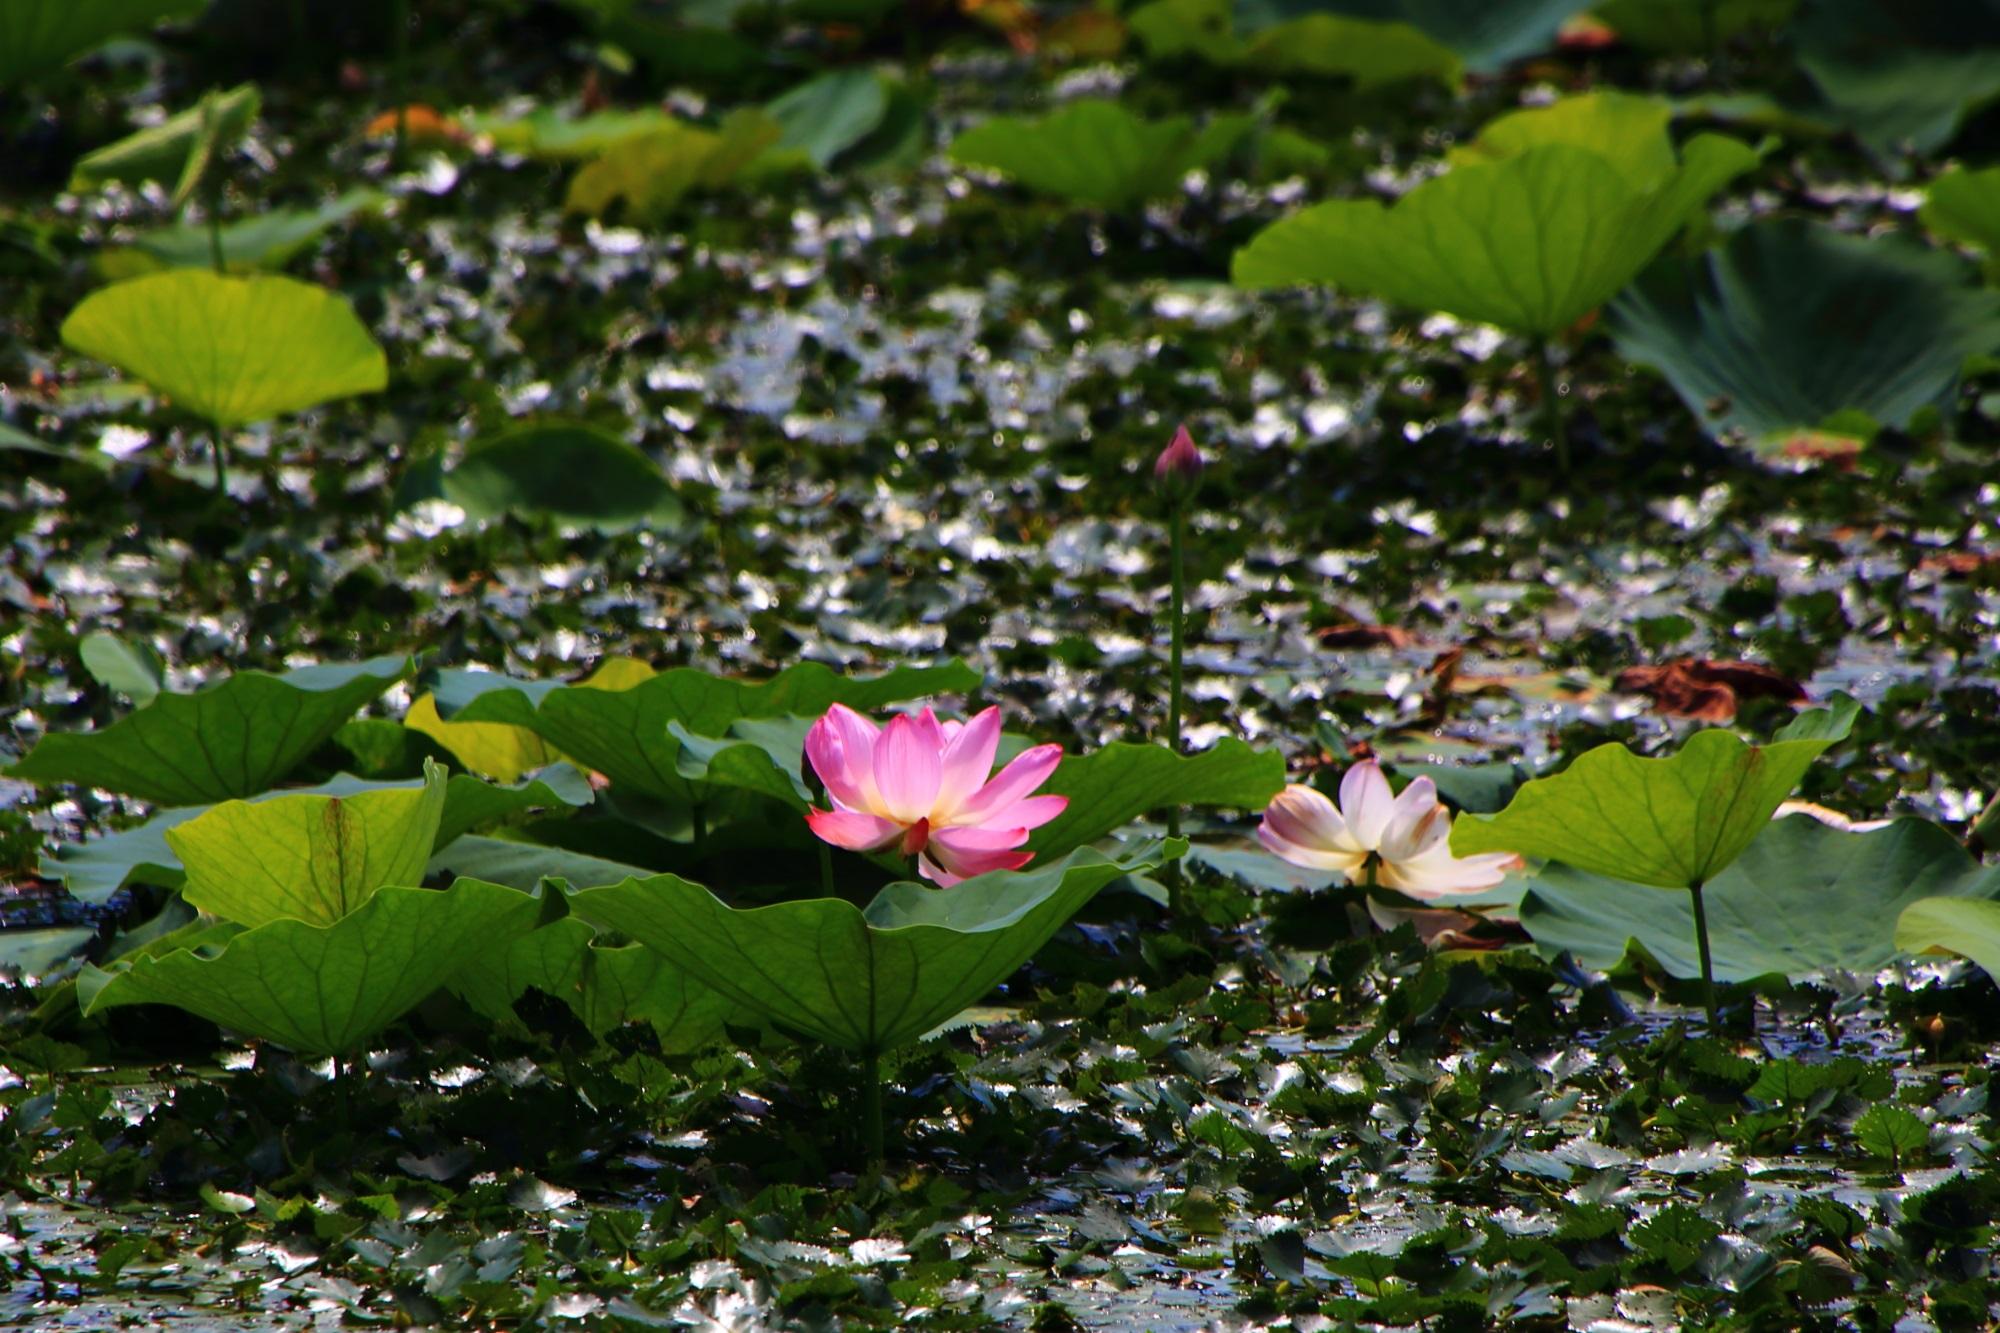 大沢池の太陽を浴びて煌く浮き草と蓮の花